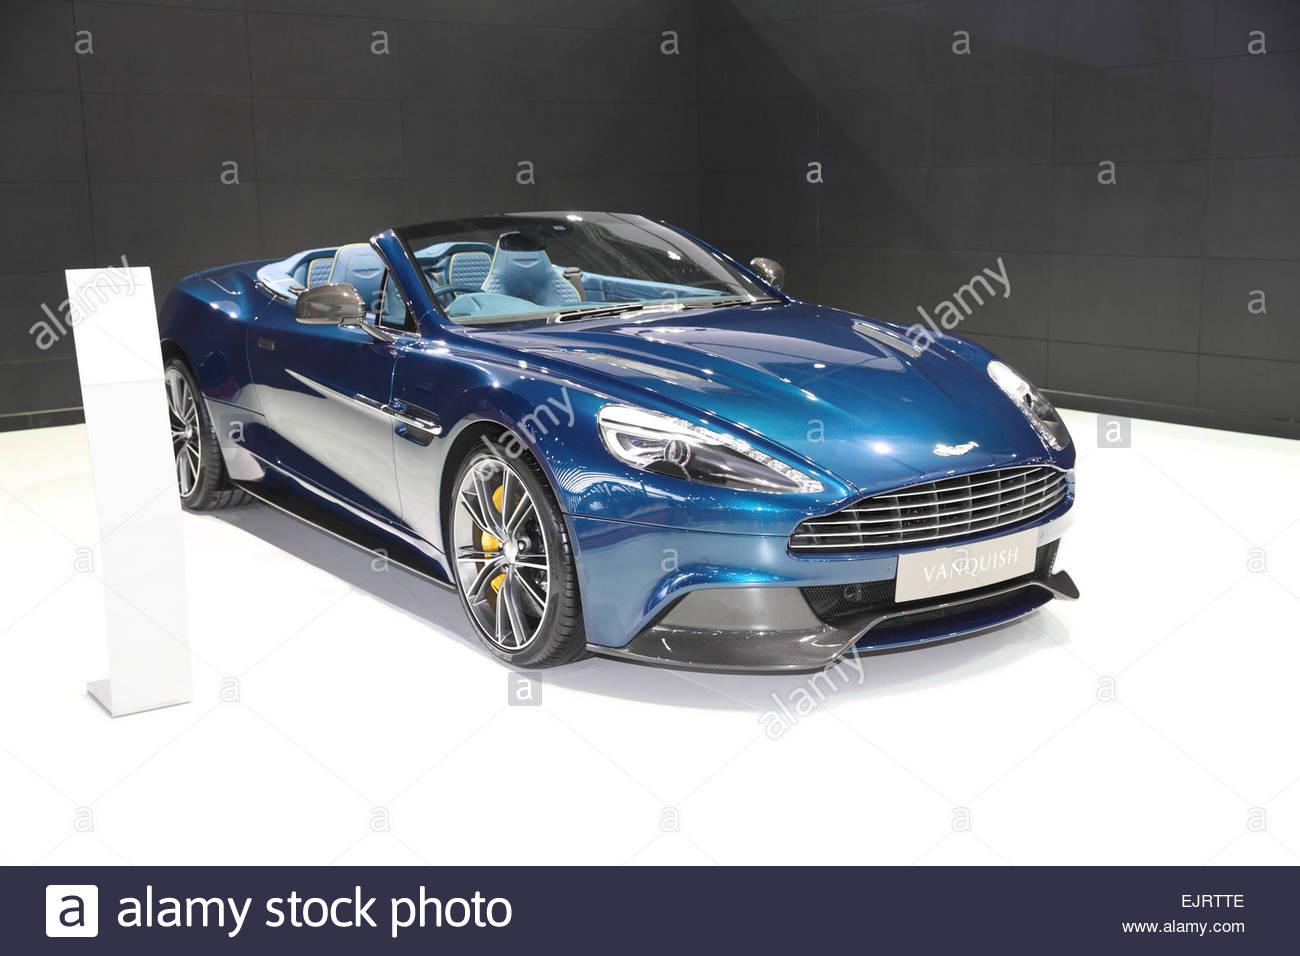 BANGKOK   MARCH 24: Aston Martin Vanquish Car On Display At The 36 Th  Bangkok